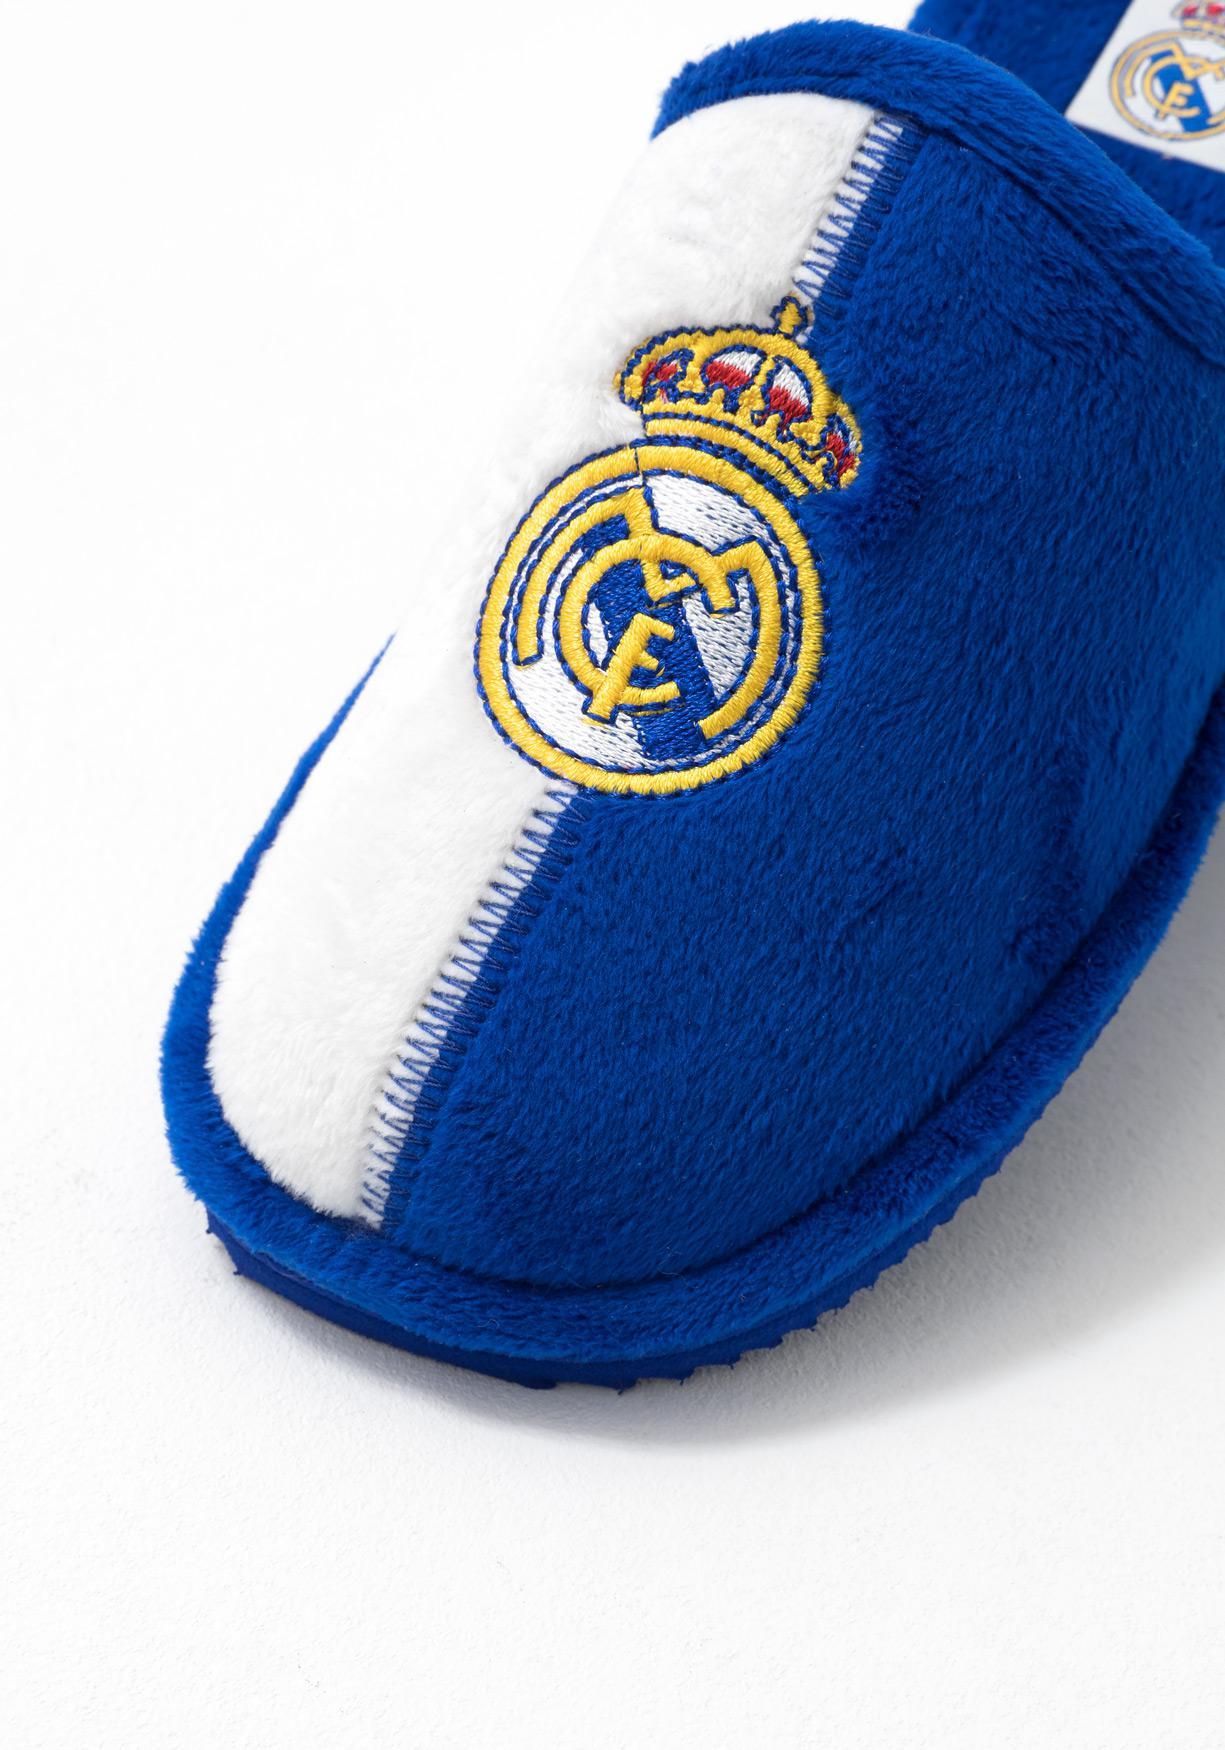 Zapatillas de estar por casa con escudo futbol bordado (Tallas 31 a 39) e5b3ebc034ae4